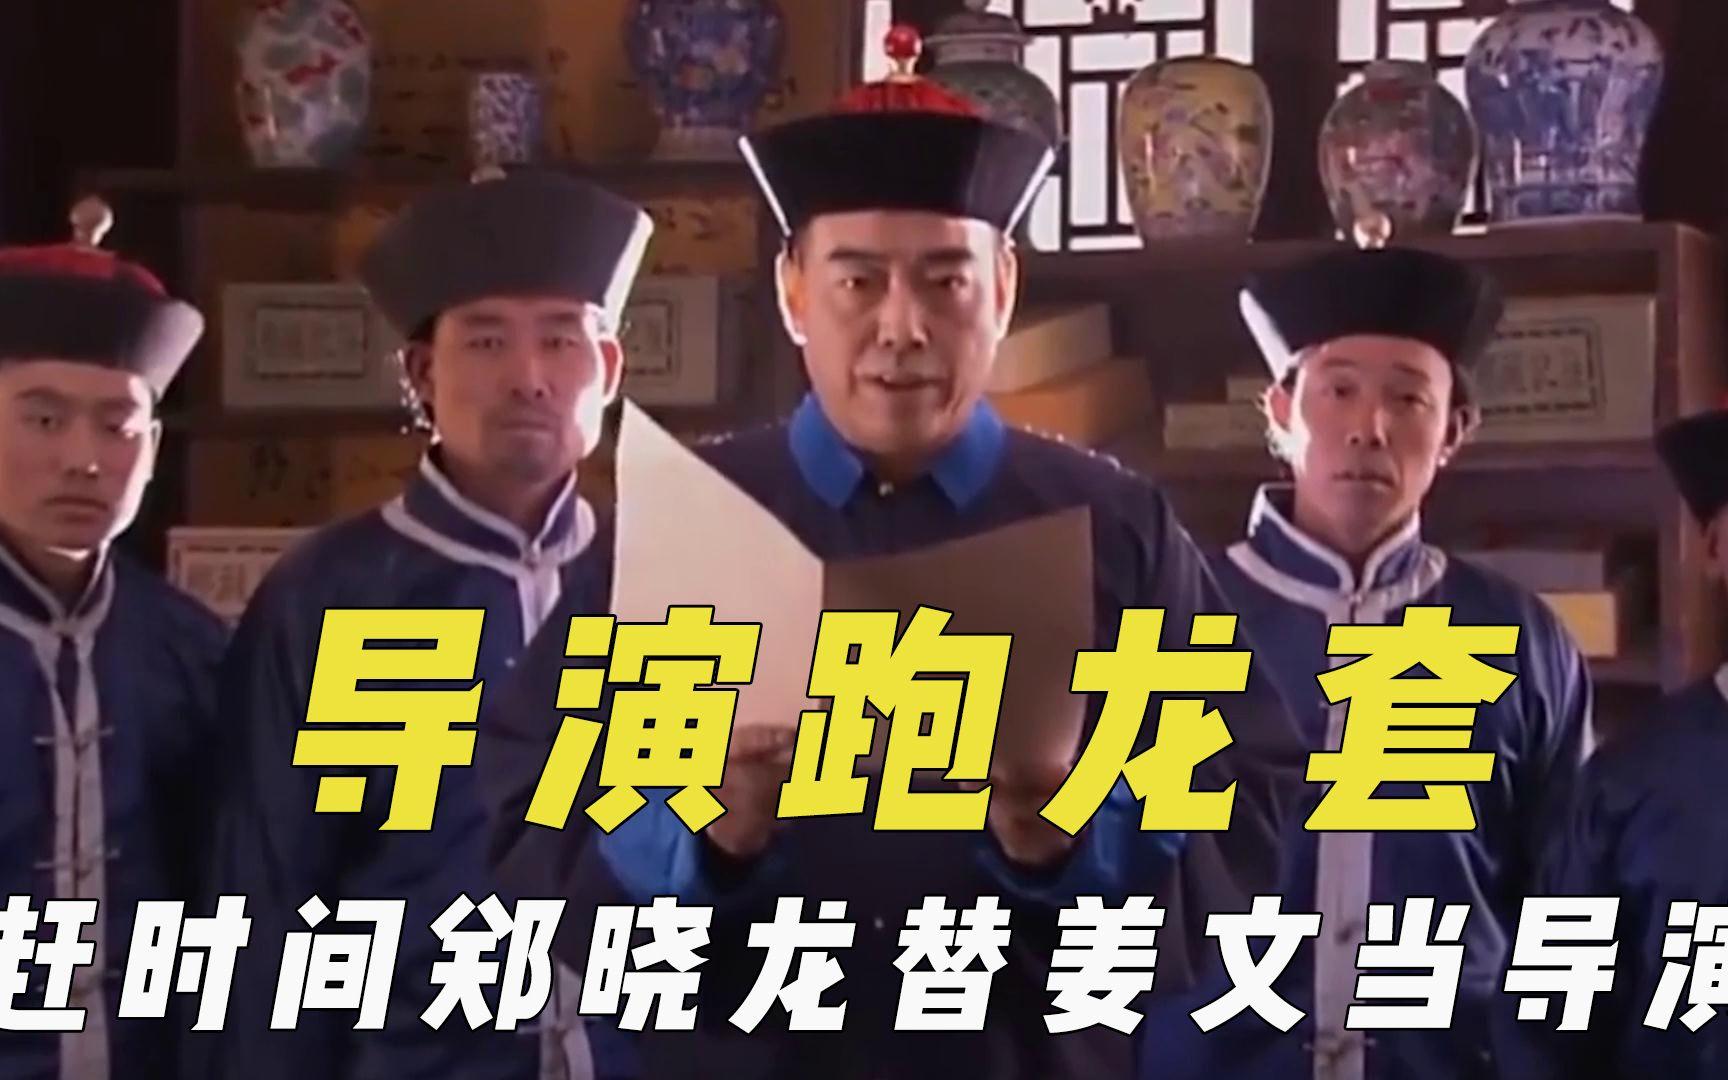 导演跑过的龙套,赶时间郑晓龙替姜文当导演,冯小刚指责周星驰